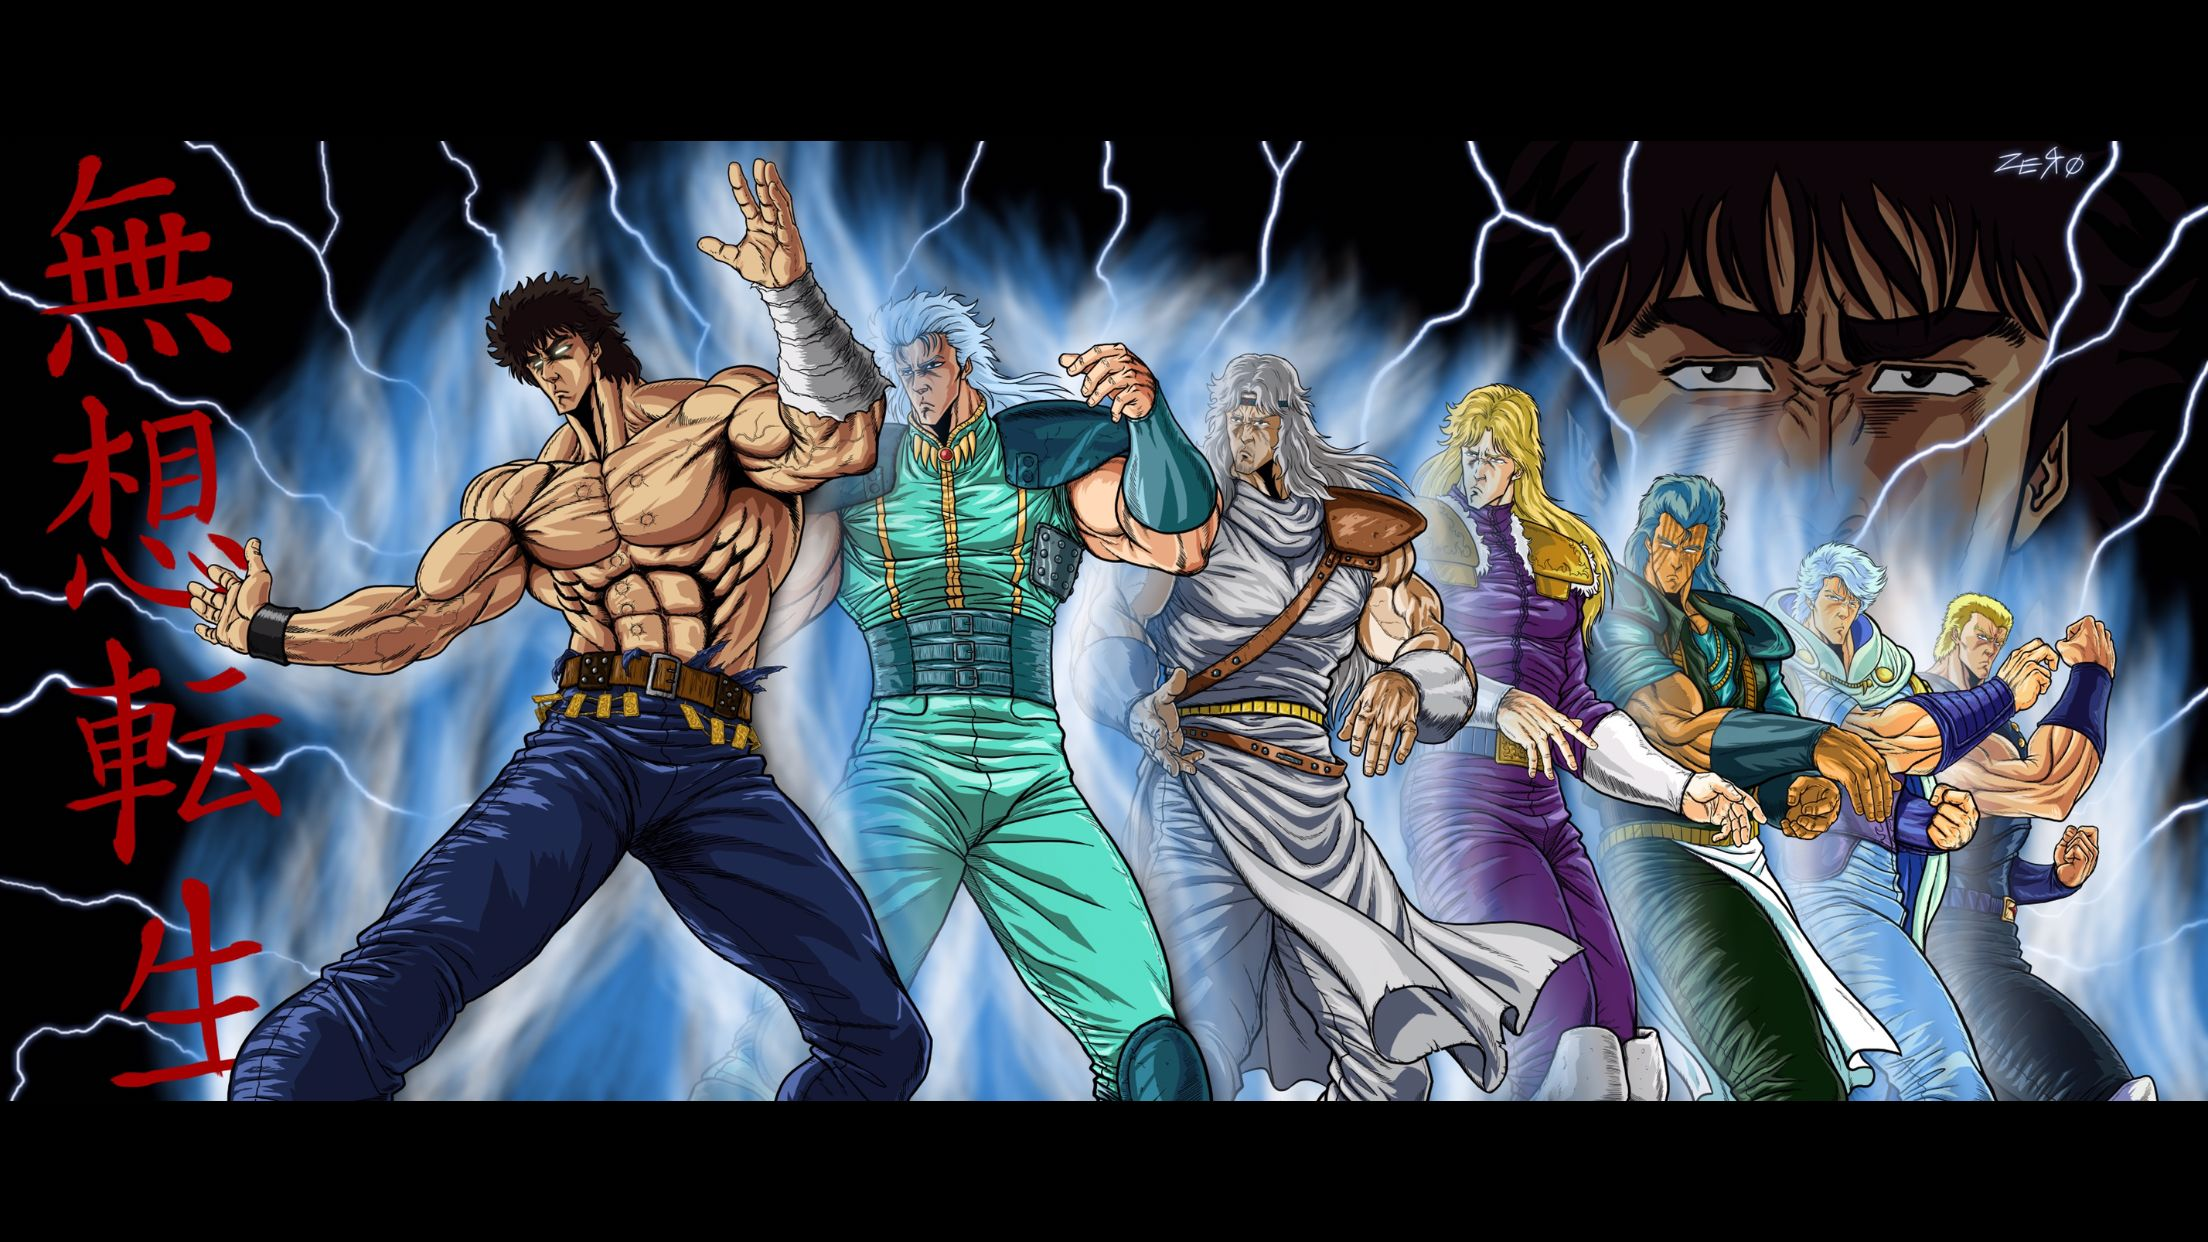 Ken il guerriero la leggenda di hokuto nel cuore dei fans di tutto